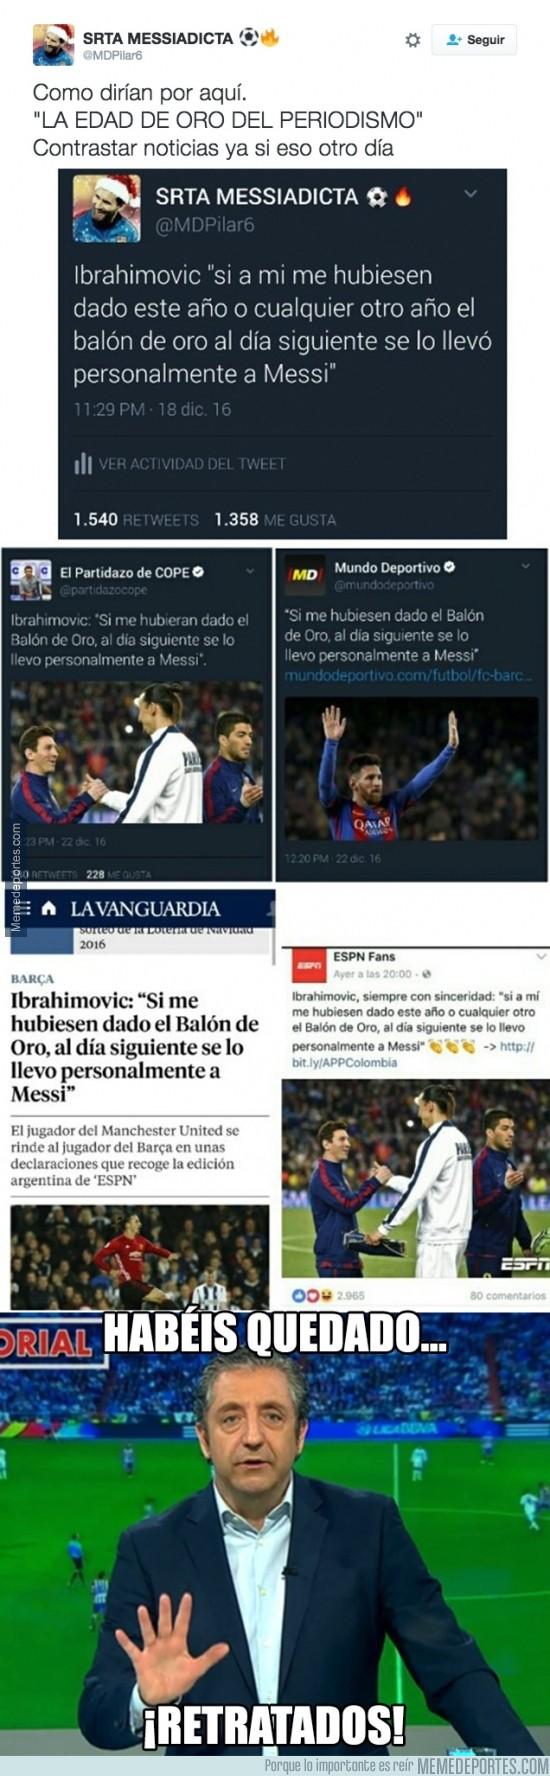 934572 - Usuaria de twitter se inventa noticia de Messi y todos los periódicos se lo tragan hasta el fondo